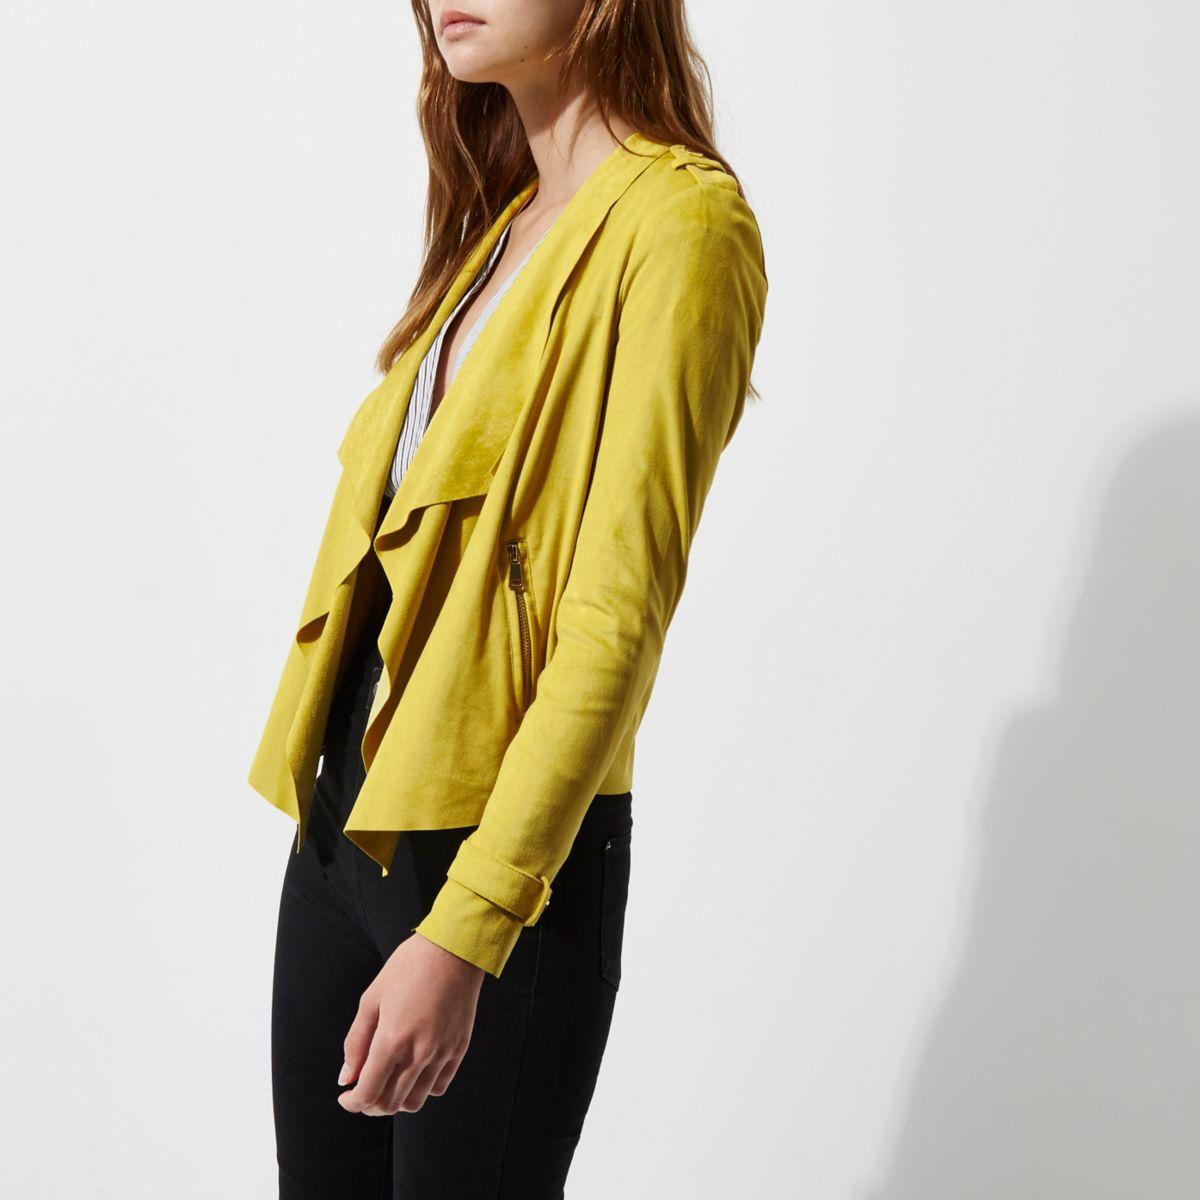 Yellow faux suede fallaway jacket